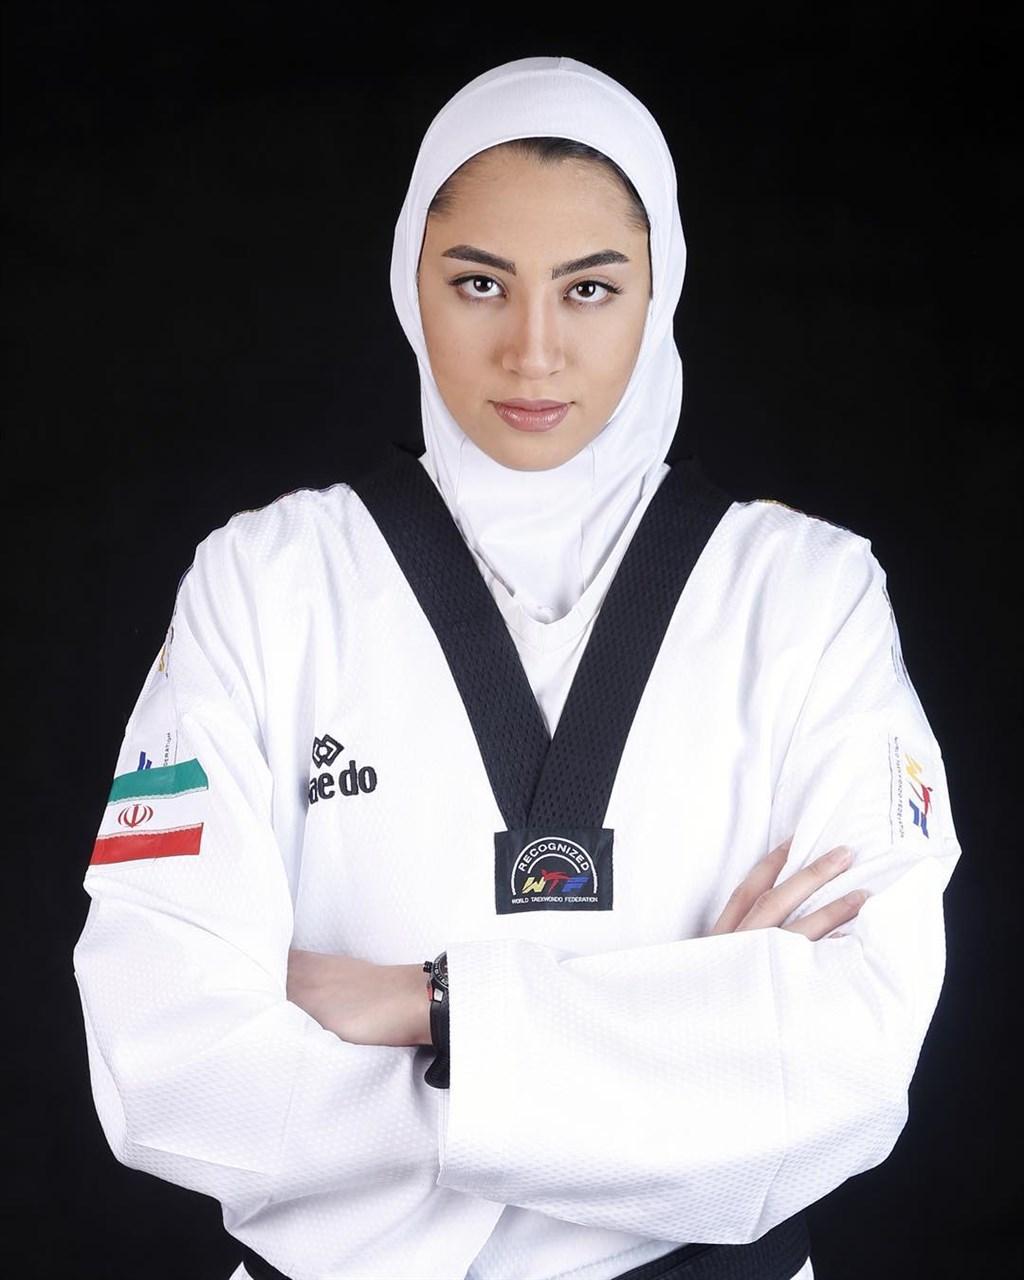 伊朗唯一在奧運奪牌的女運動員阿里薩德宣布永久離開祖國。(圖取自阿里薩德IG網頁instagram.com/kimiya.alizade)